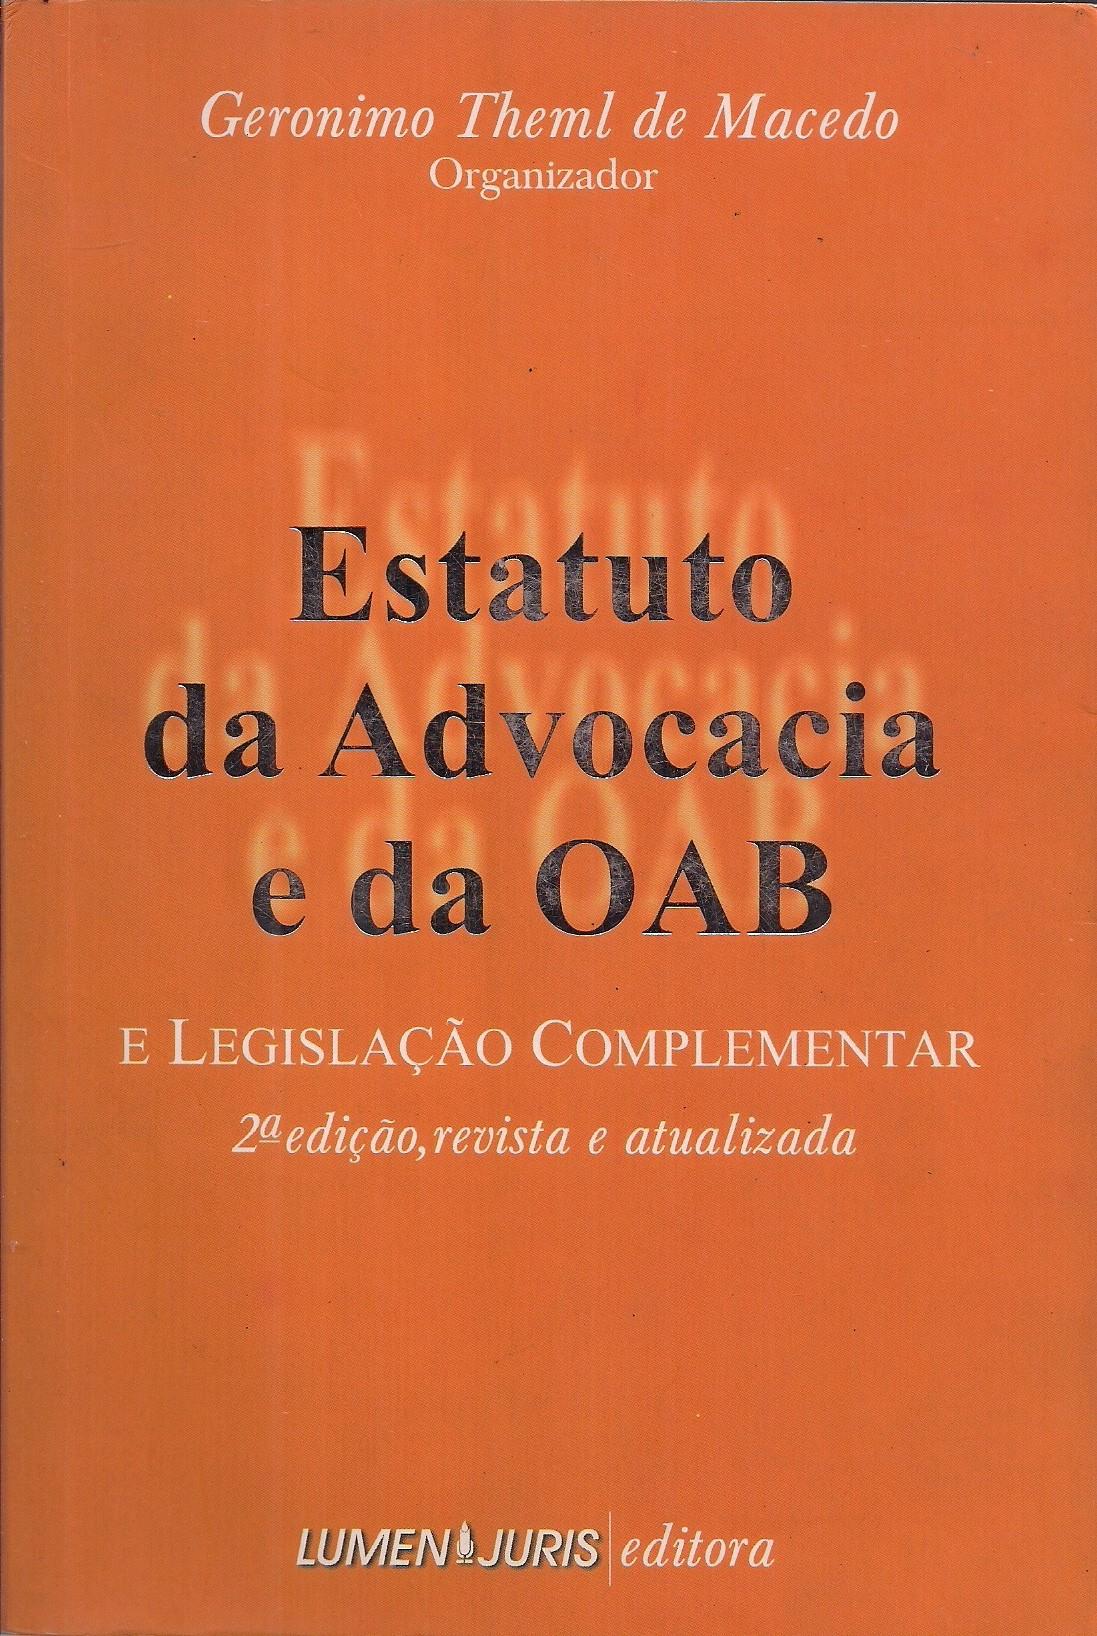 Foto 1 - Estatuto da Advocacia e da Oab e Legislação Complementar - 2ª Edição, Revista e Atualizada